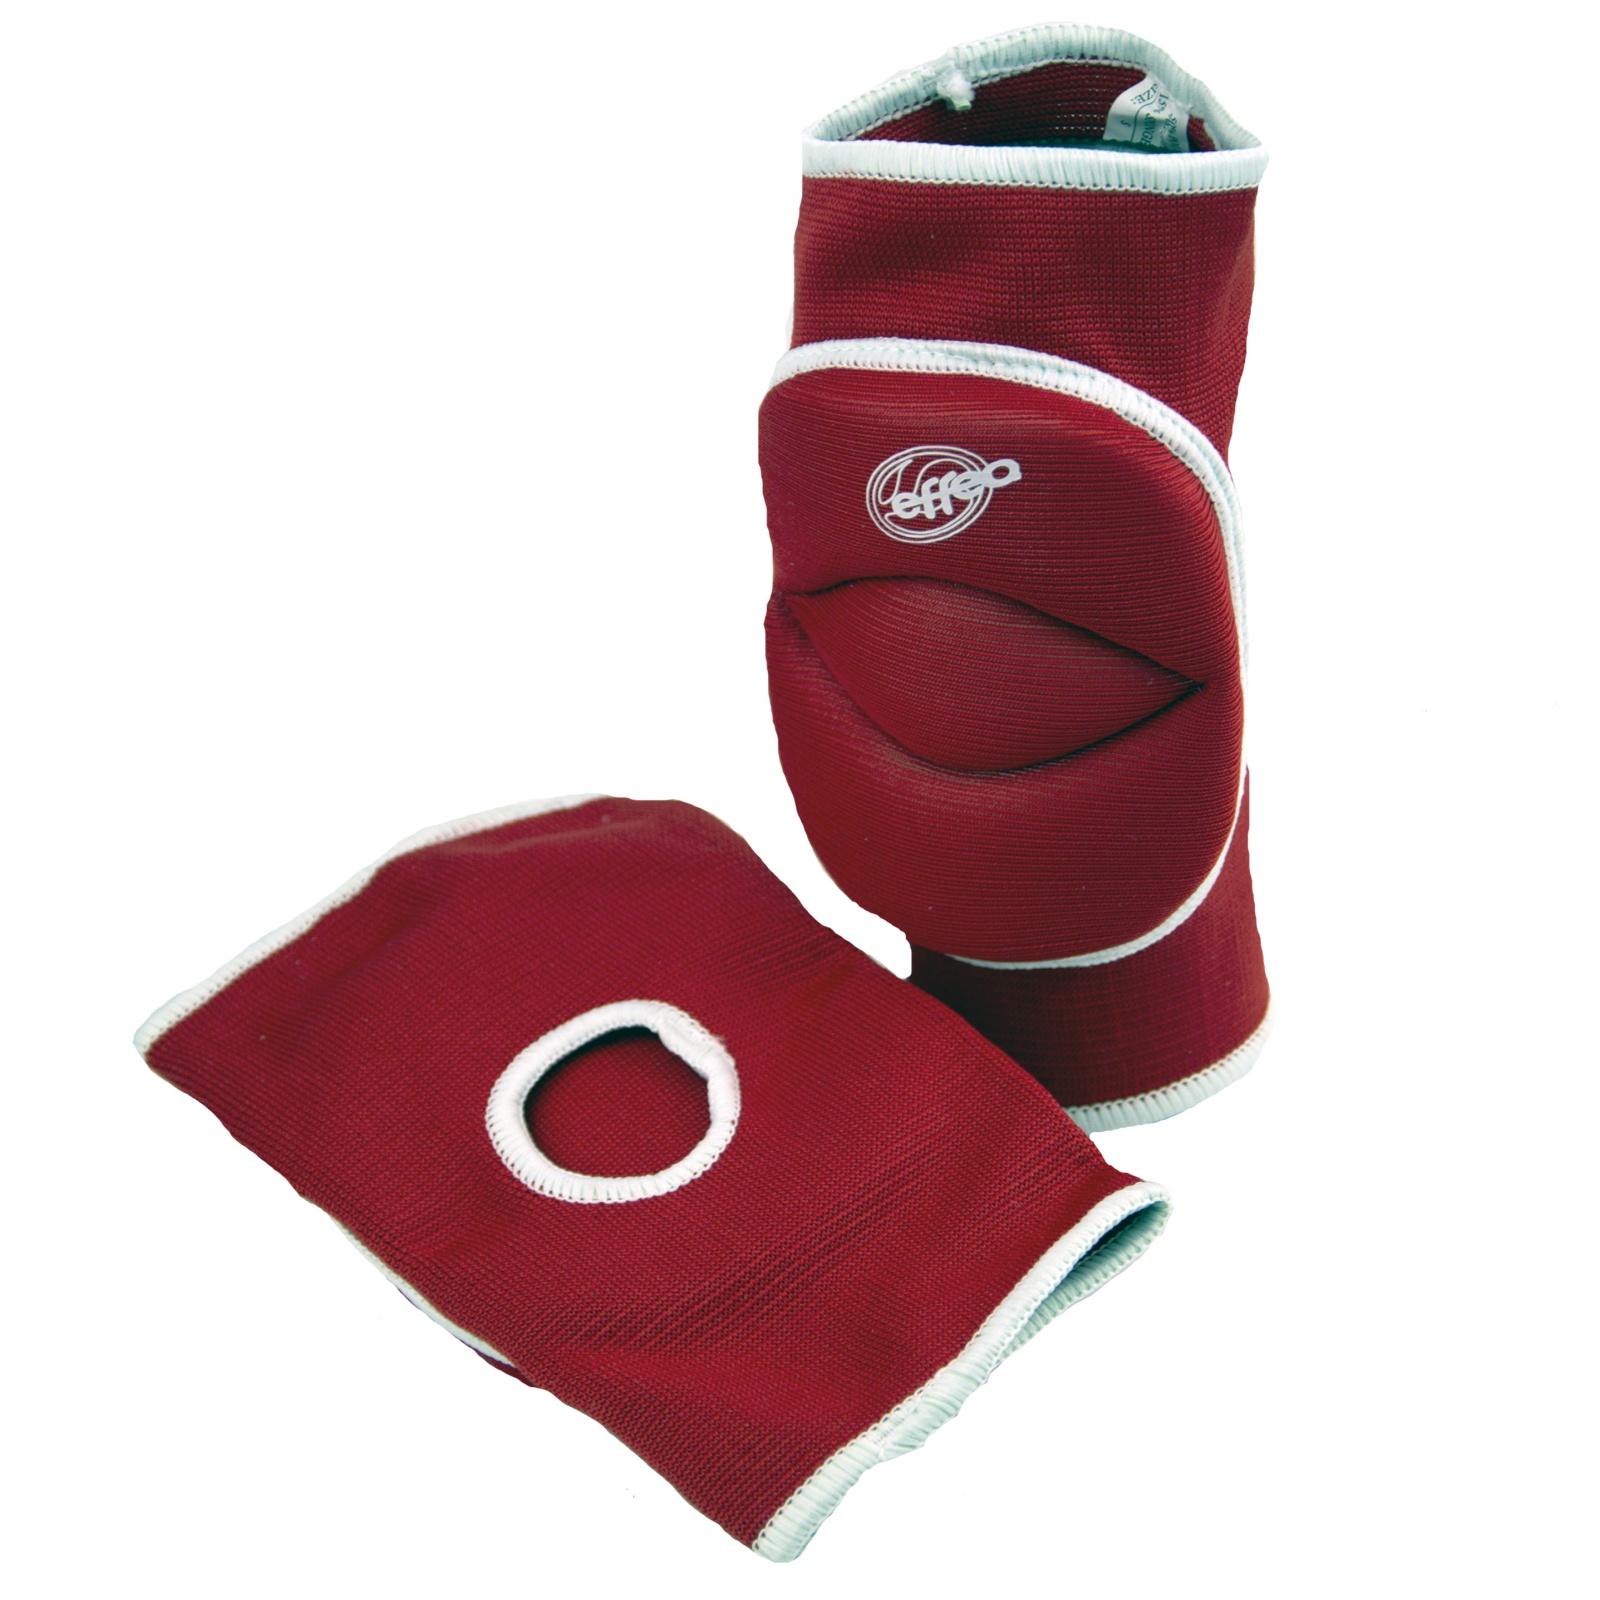 Volejbalové chrániče kolen EFFEA 6644 KD červené